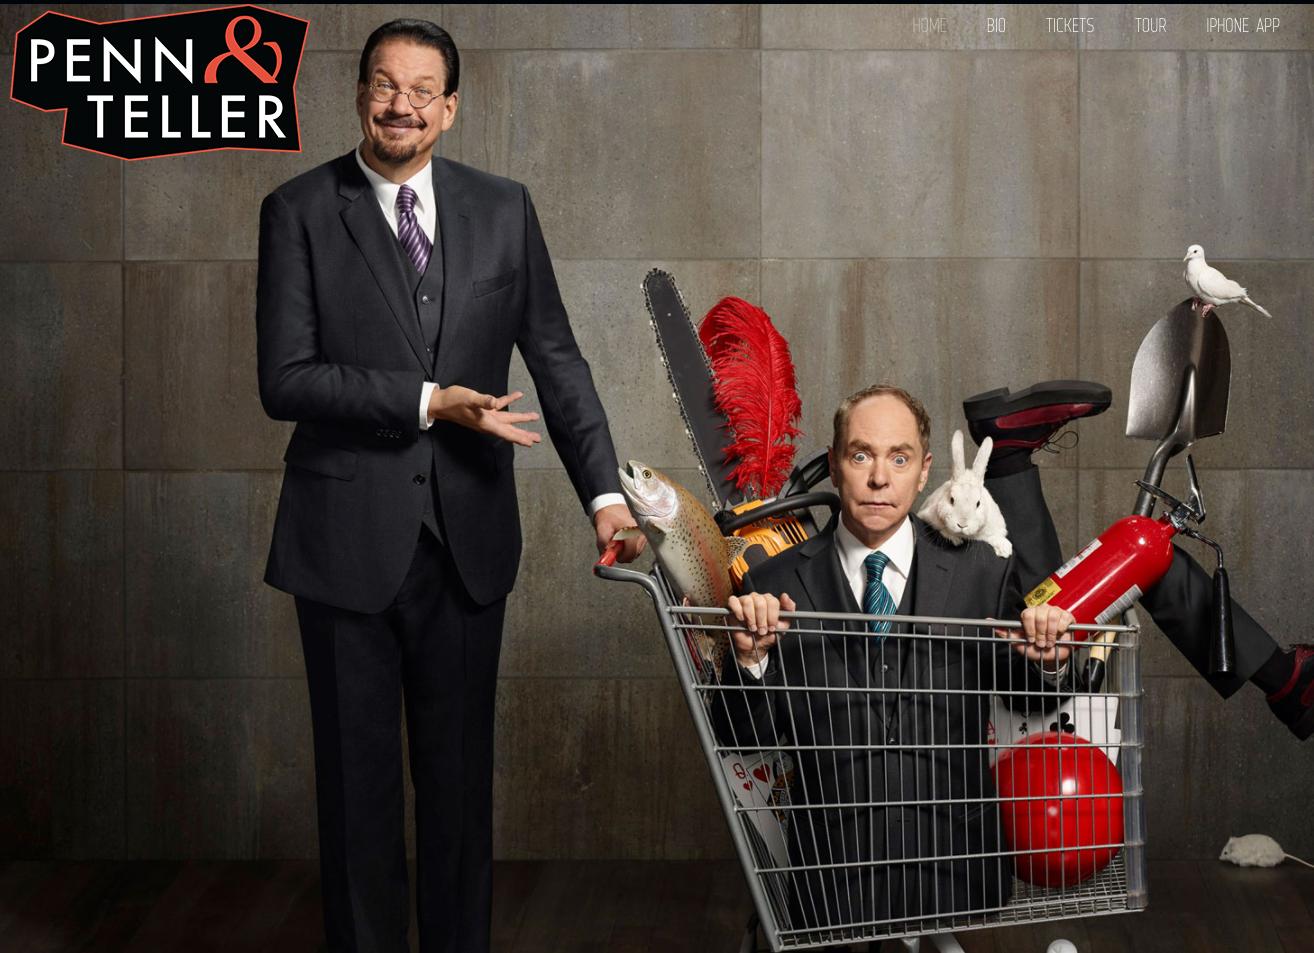 Visit Penn & Teller's site.